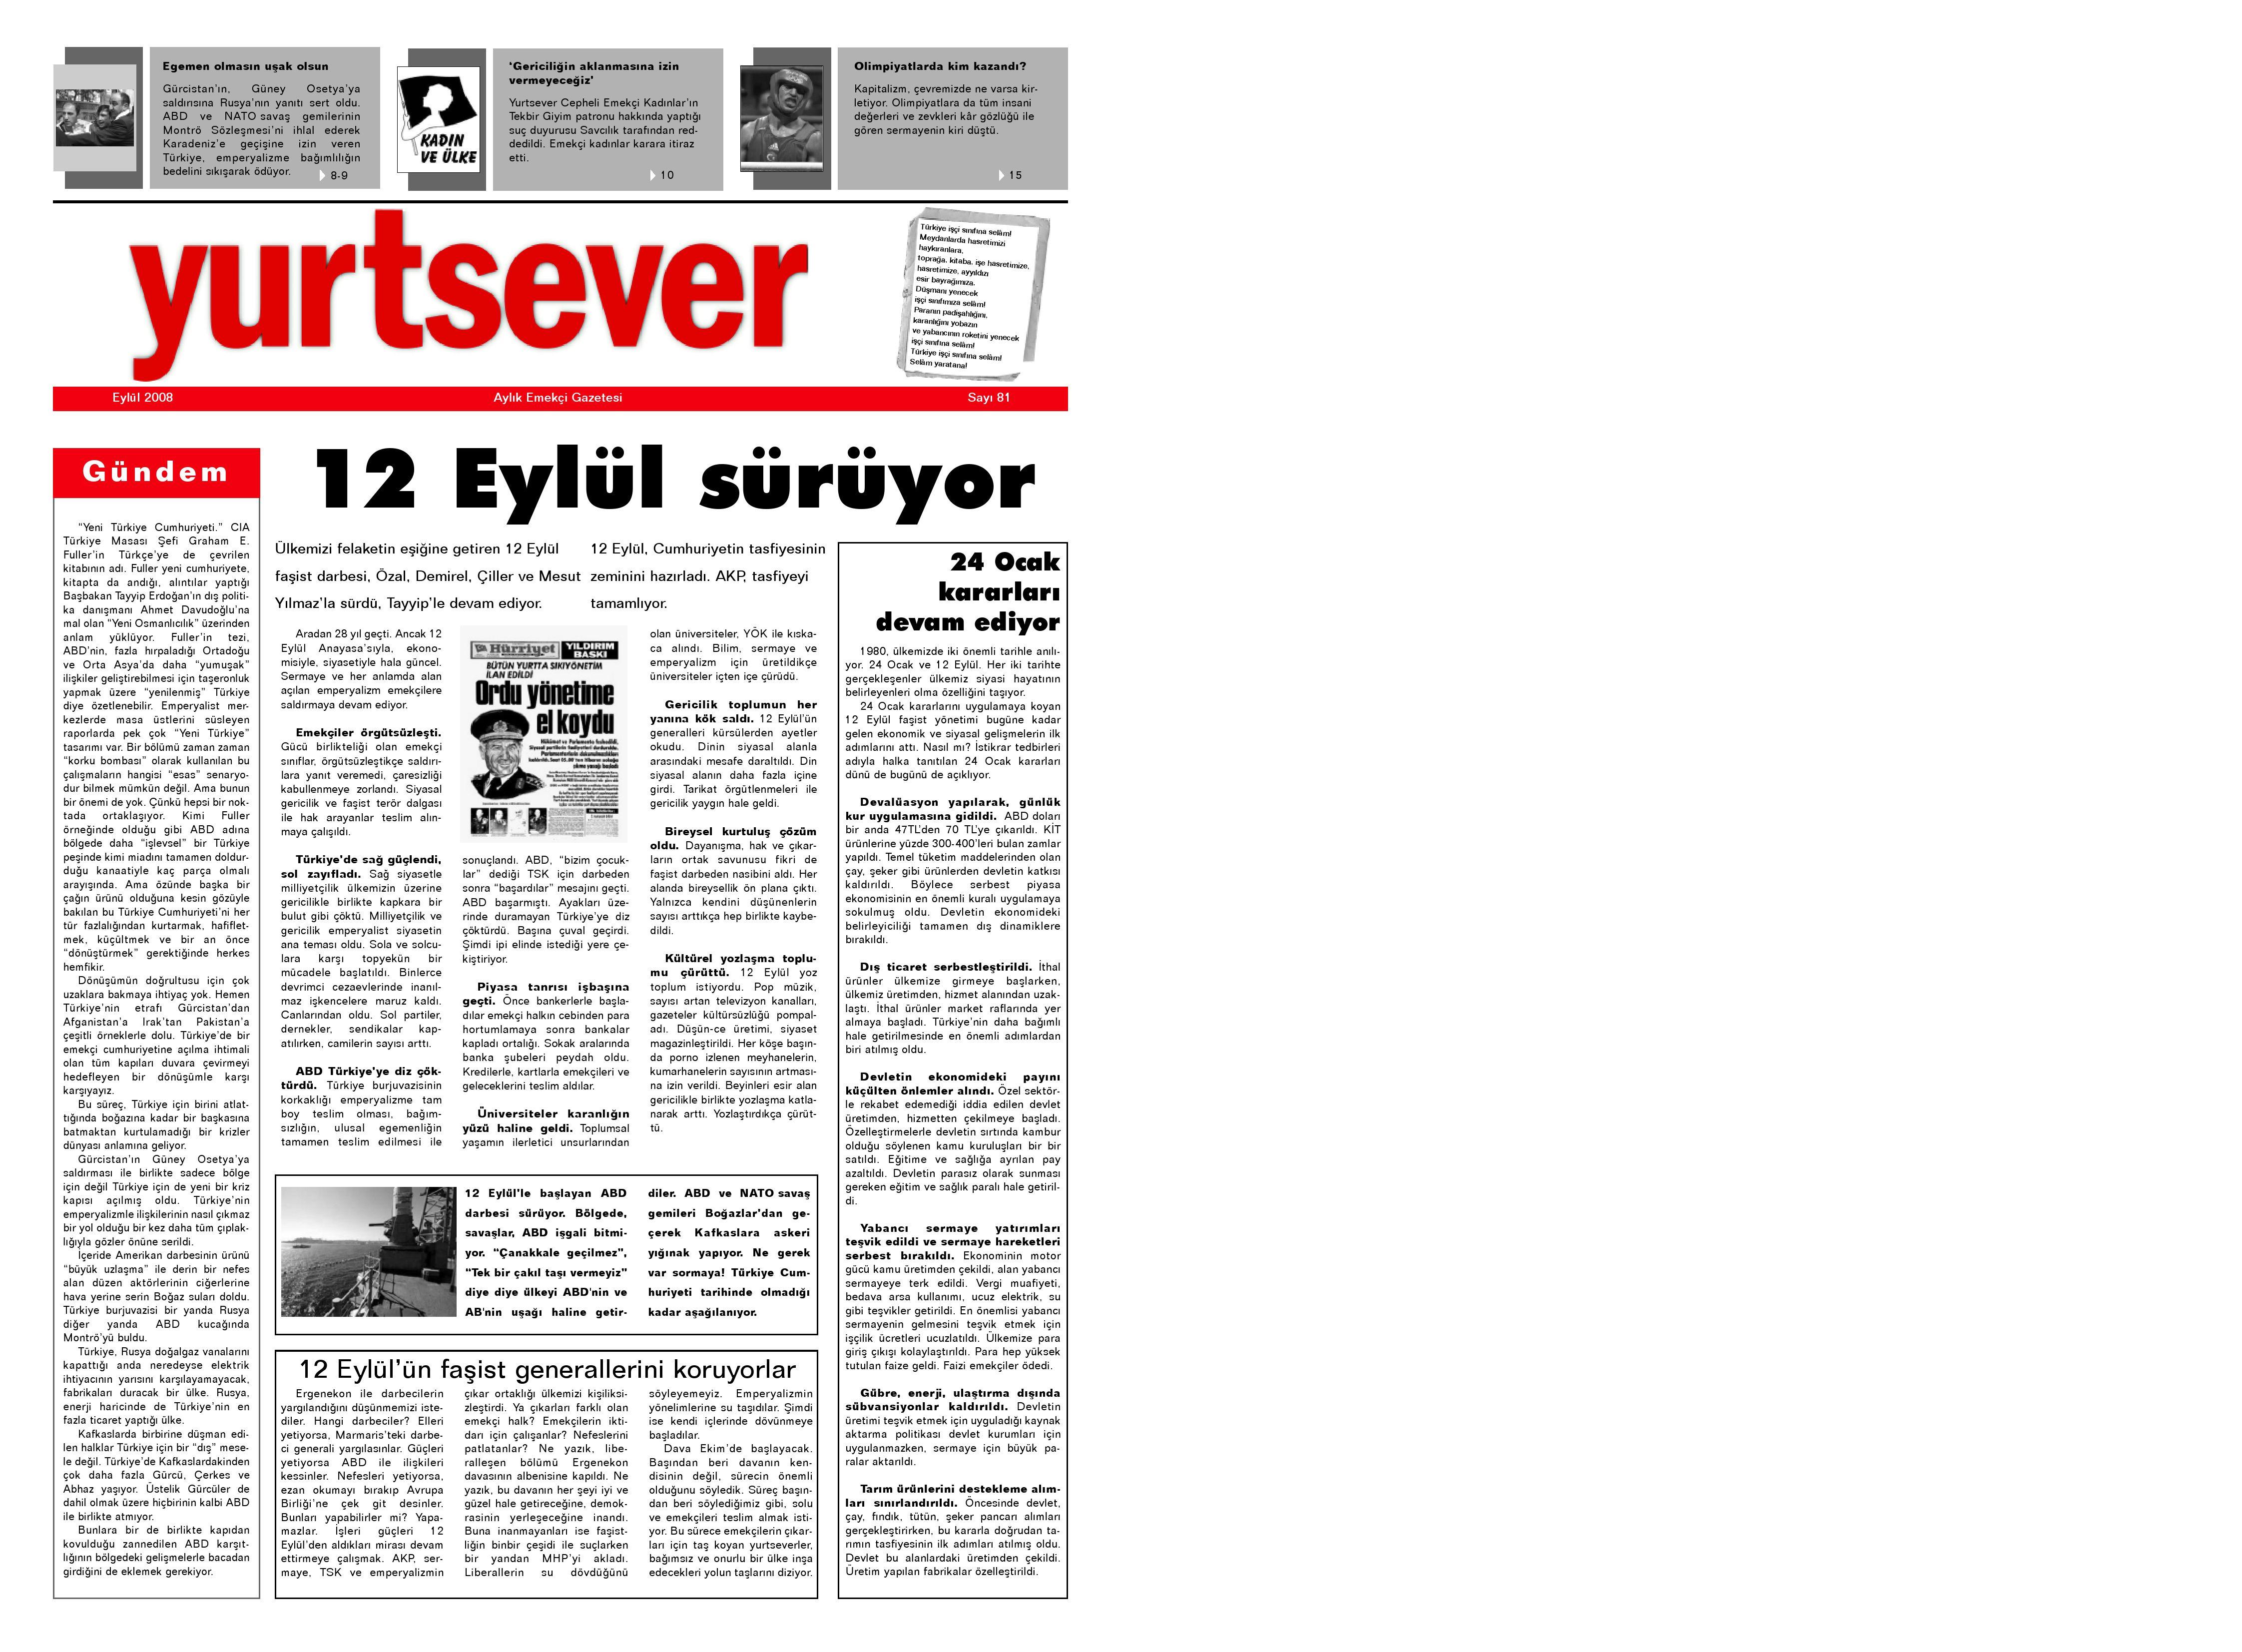 Yurtsever 81 Eylul 2008 By Turkiye Komunist Partisi Tkp Issuu